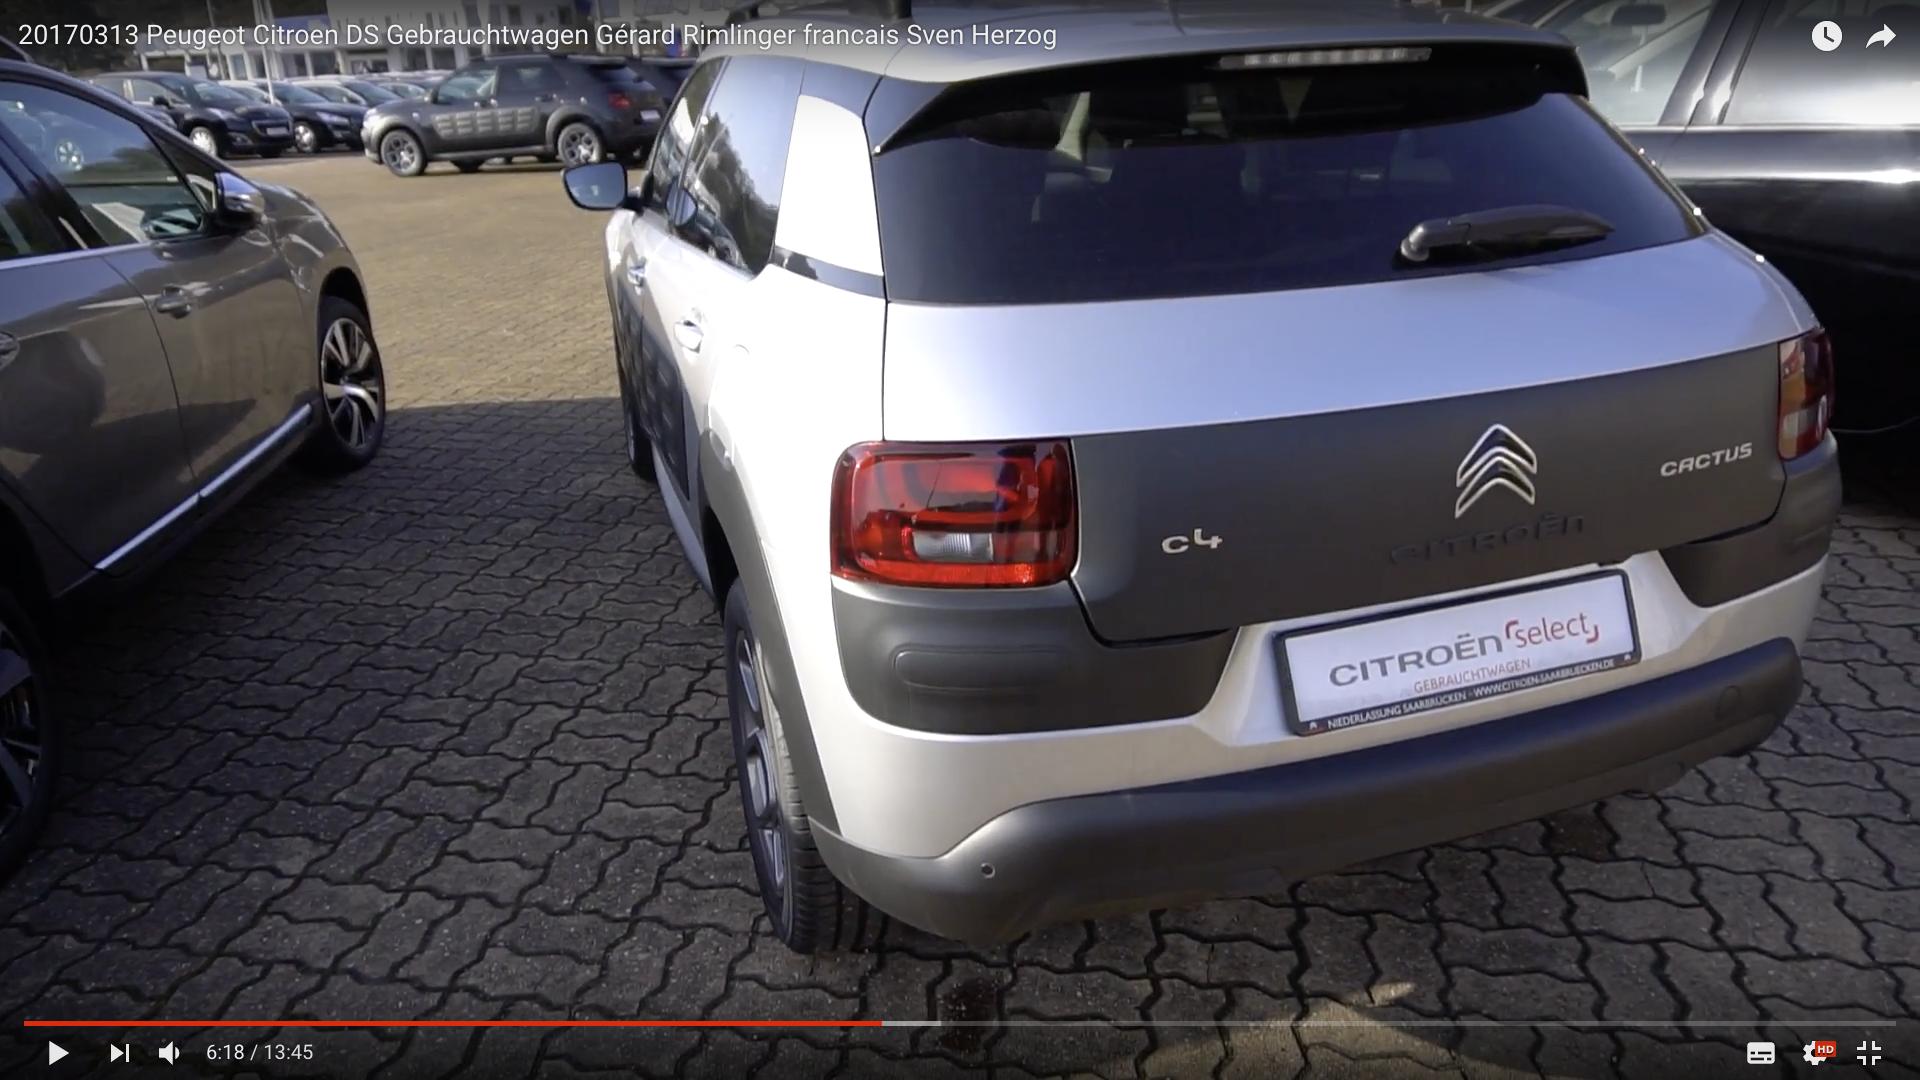 2017 Peugeot Citroen DS Gebrauchtwagen Citroen _MSM_MEDIEN_SAAR_MOSEL_SAARLAND_FERNSEHEN_1_ED_SAAR